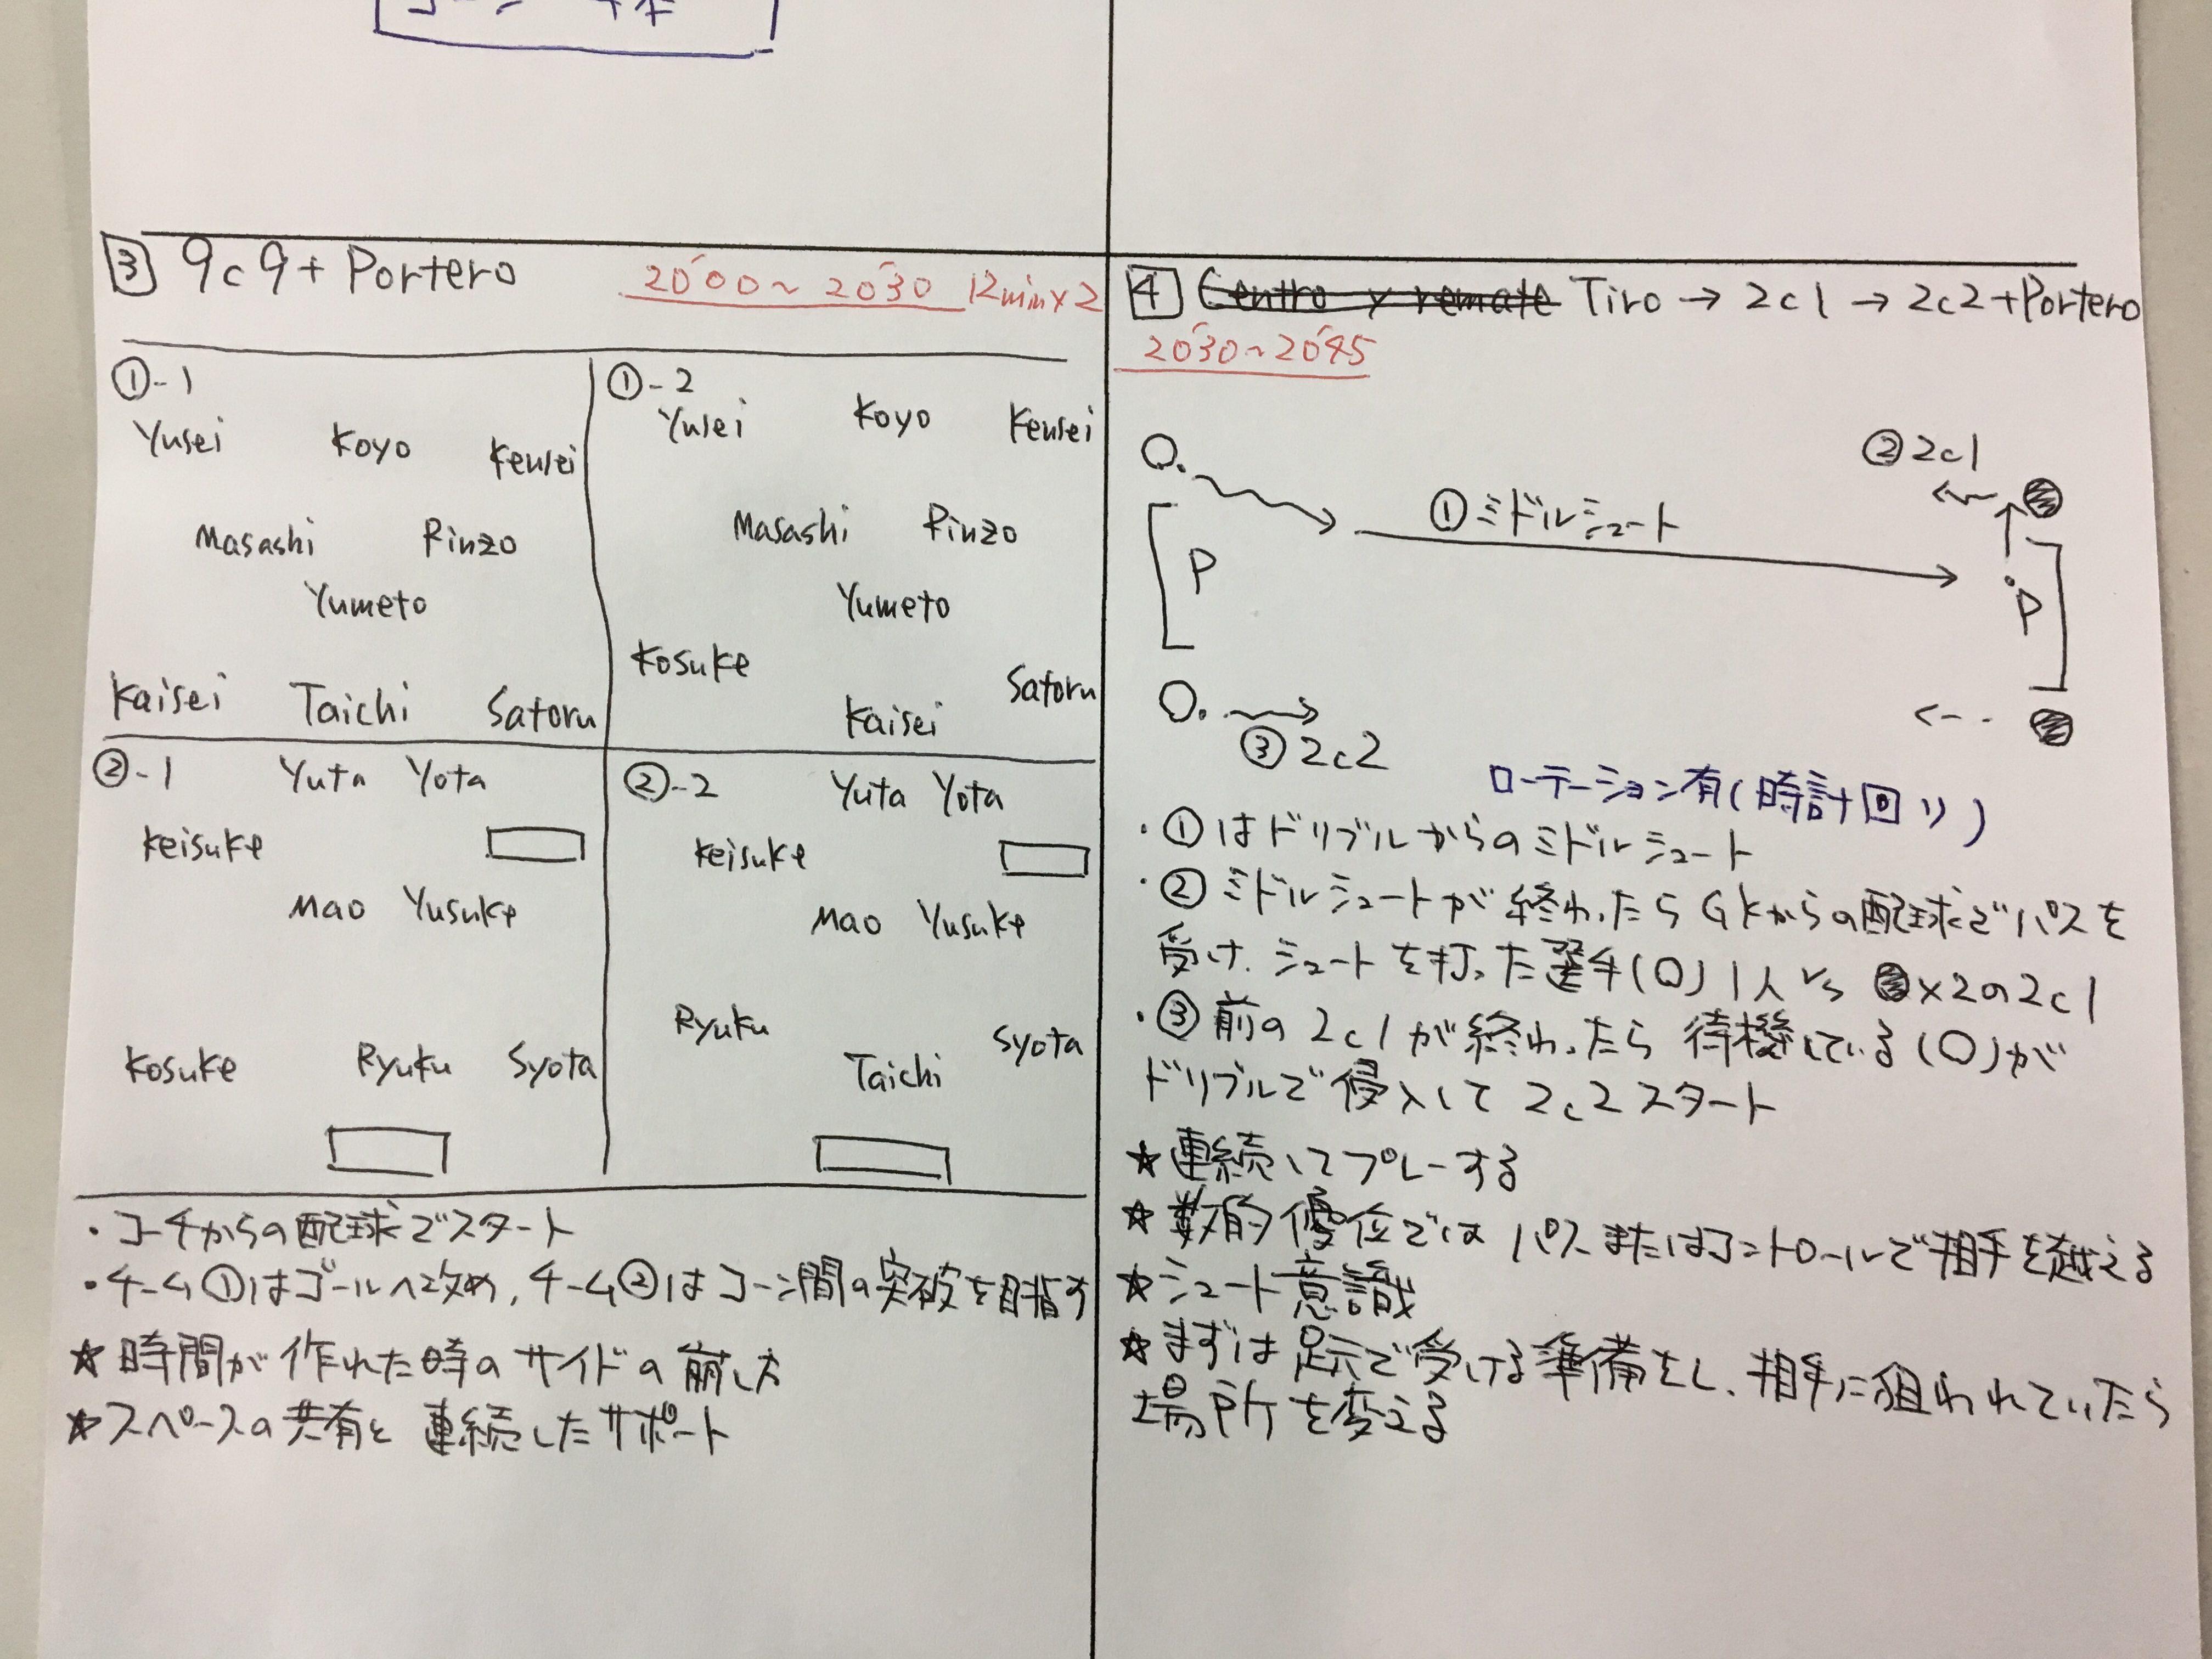 きょうの練習メニュー&MVP  060 (7/19金)